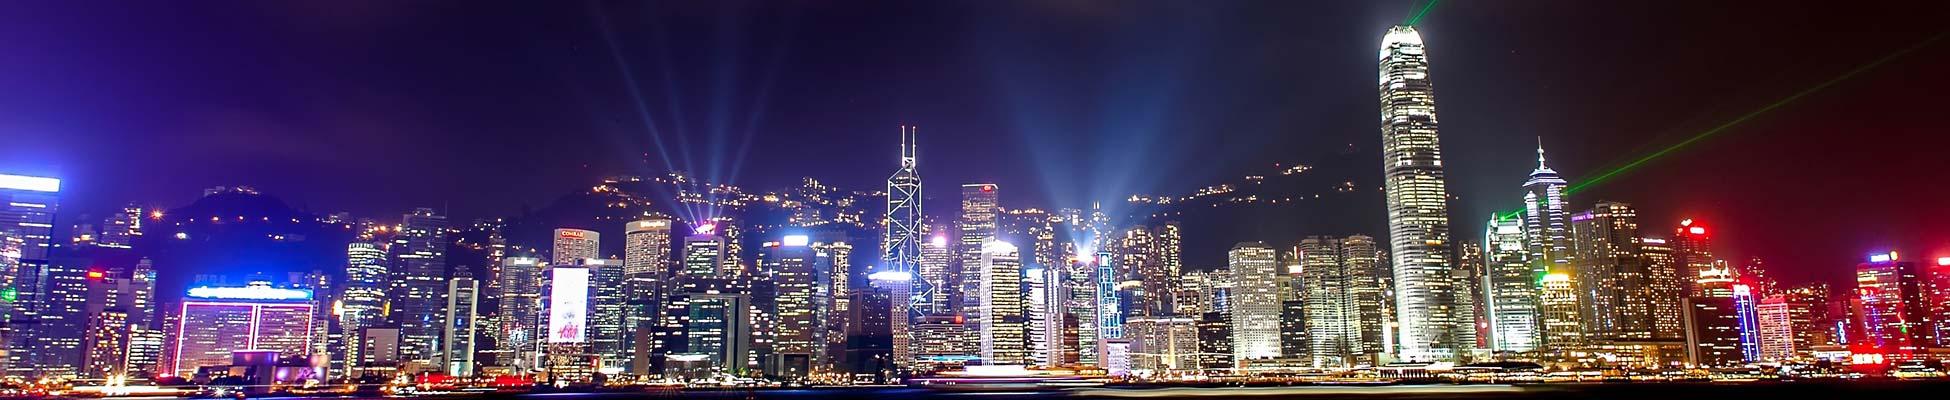 LED Fénycsövek és LED Panelek városkép